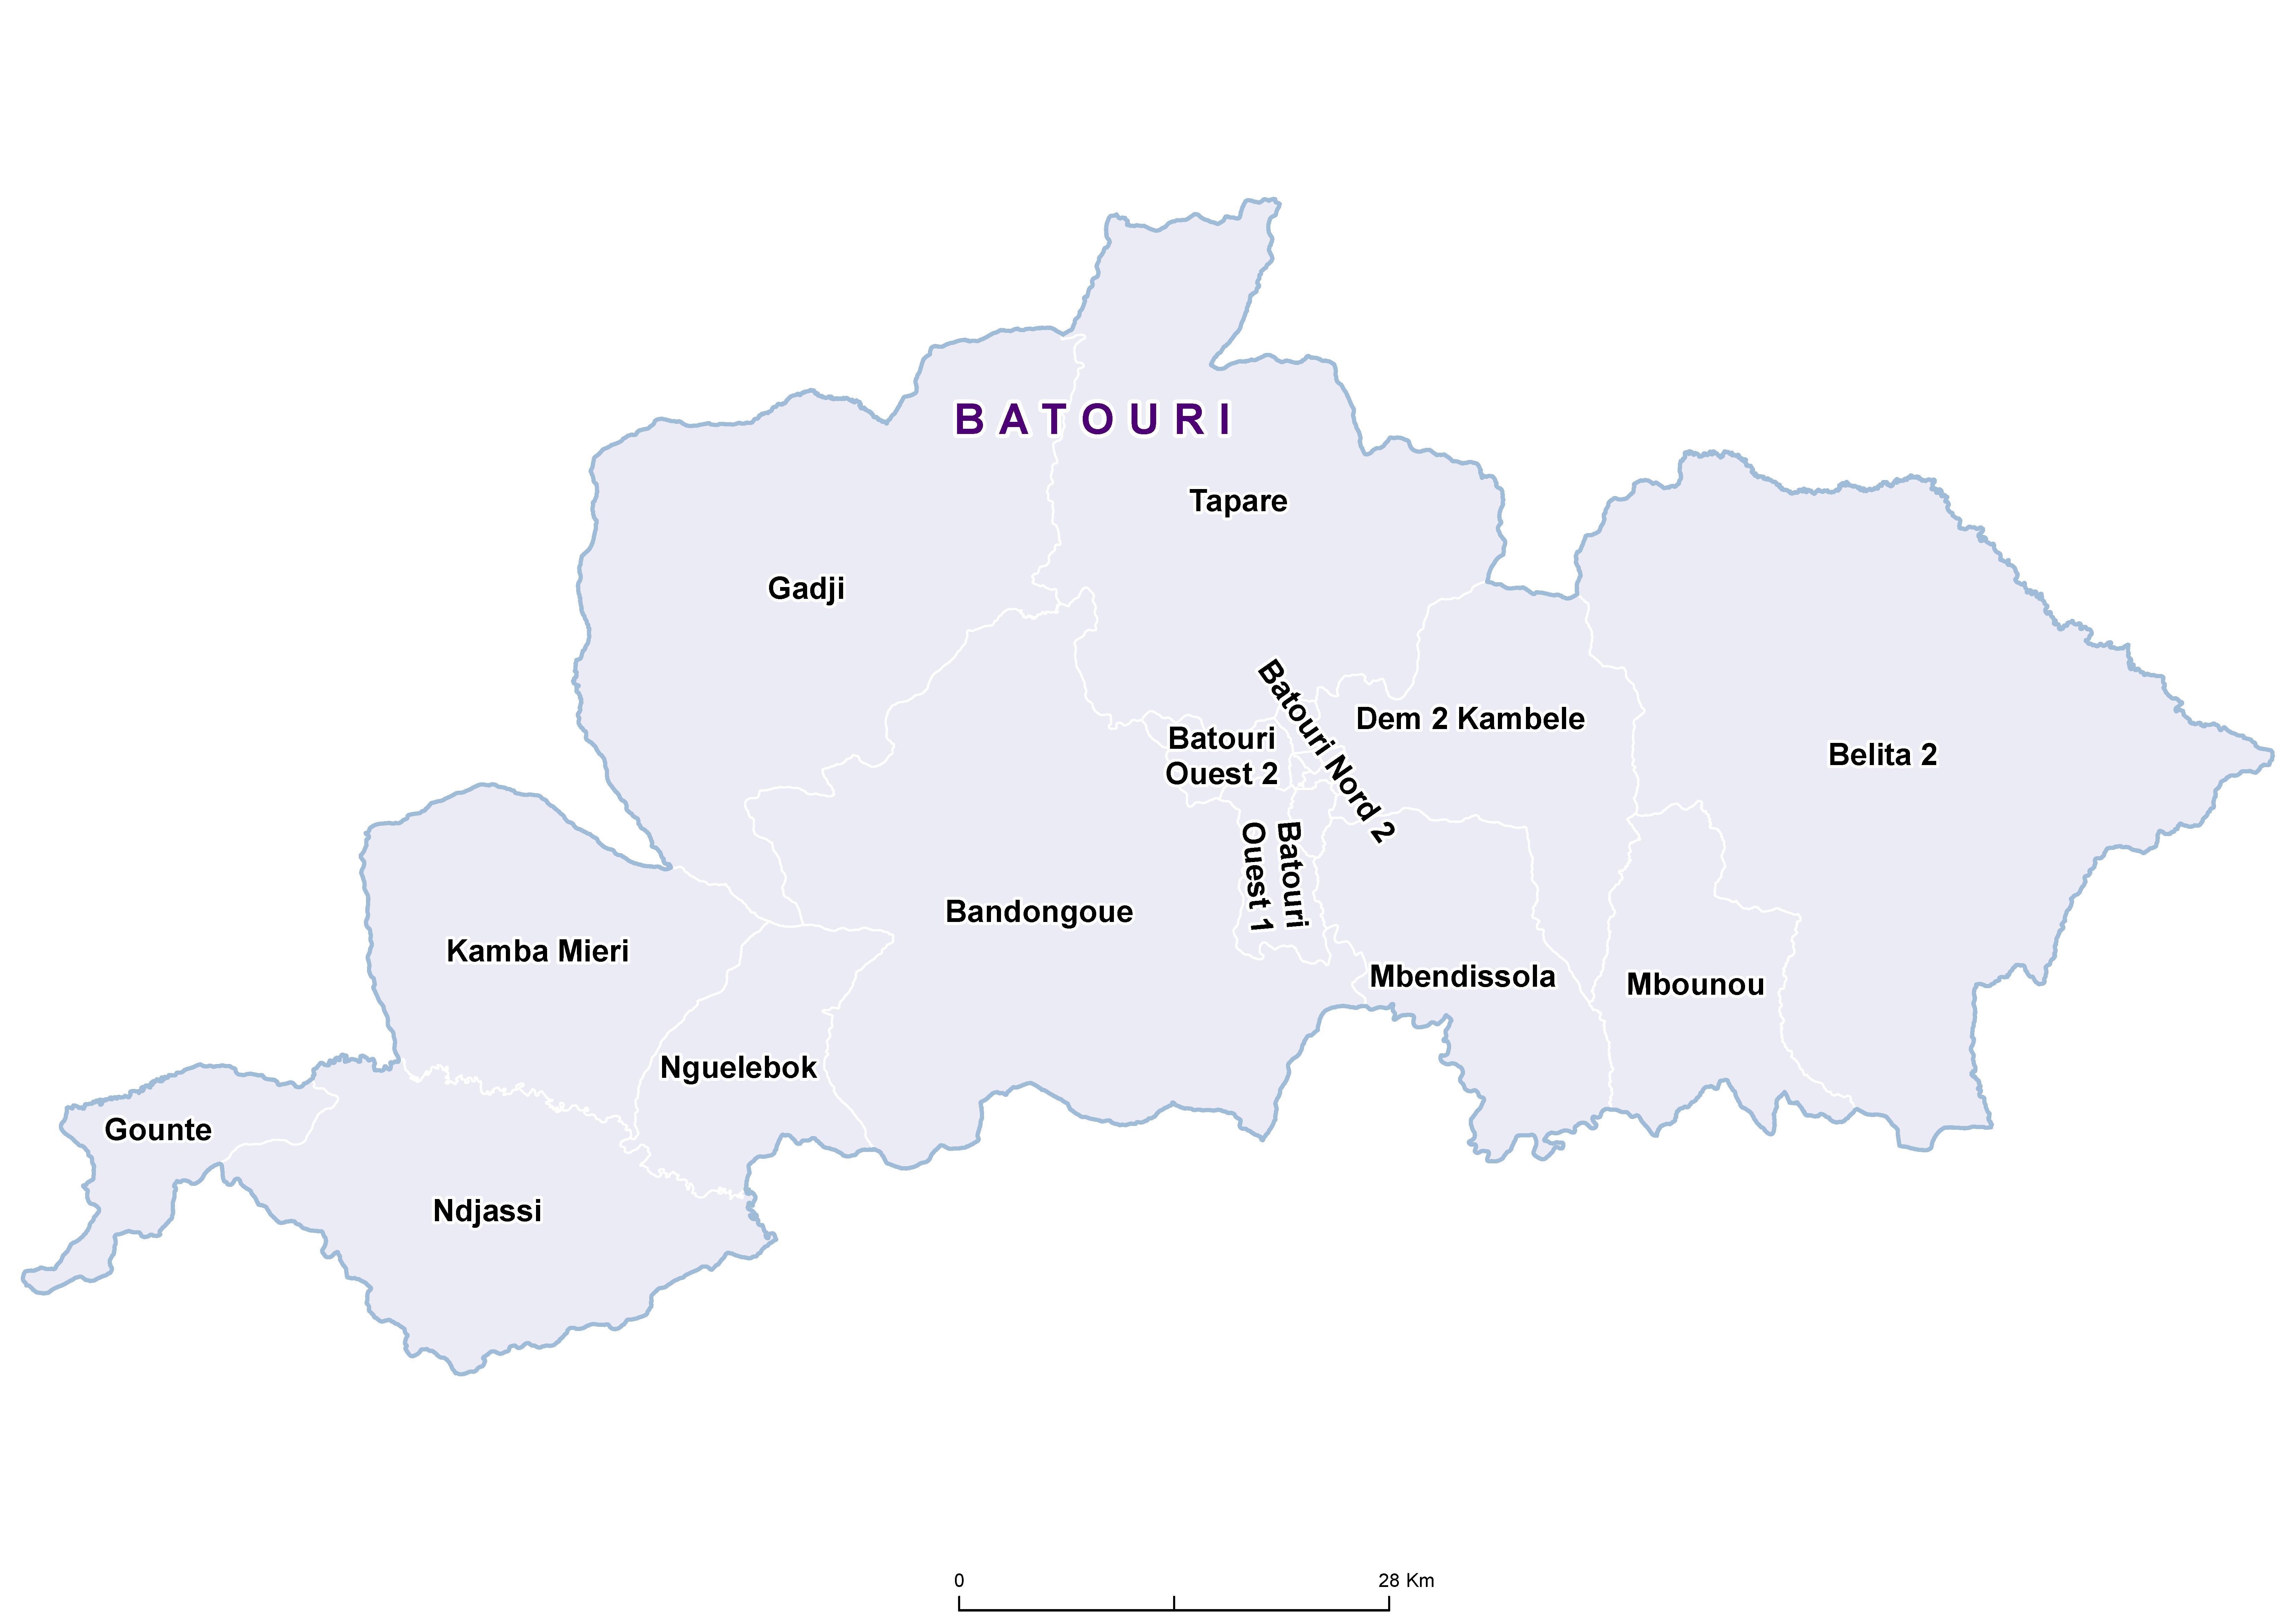 Batouri SCH 20180001